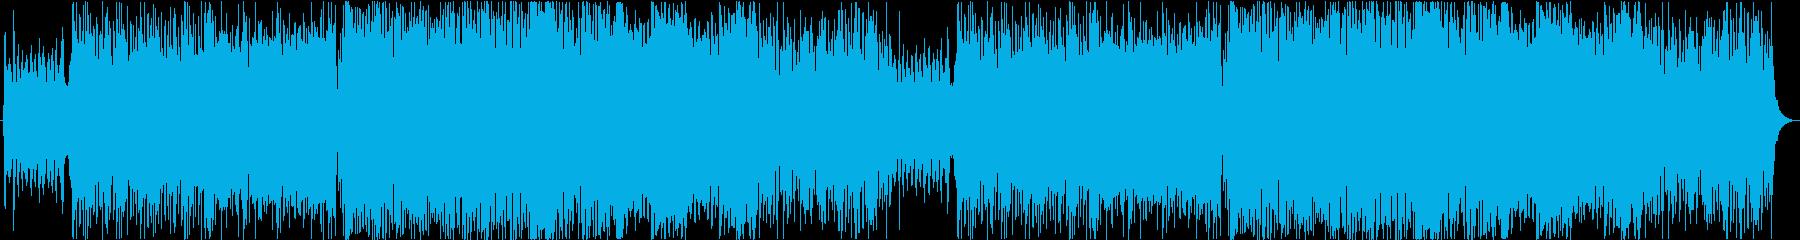 さわやかなケルト曲の再生済みの波形